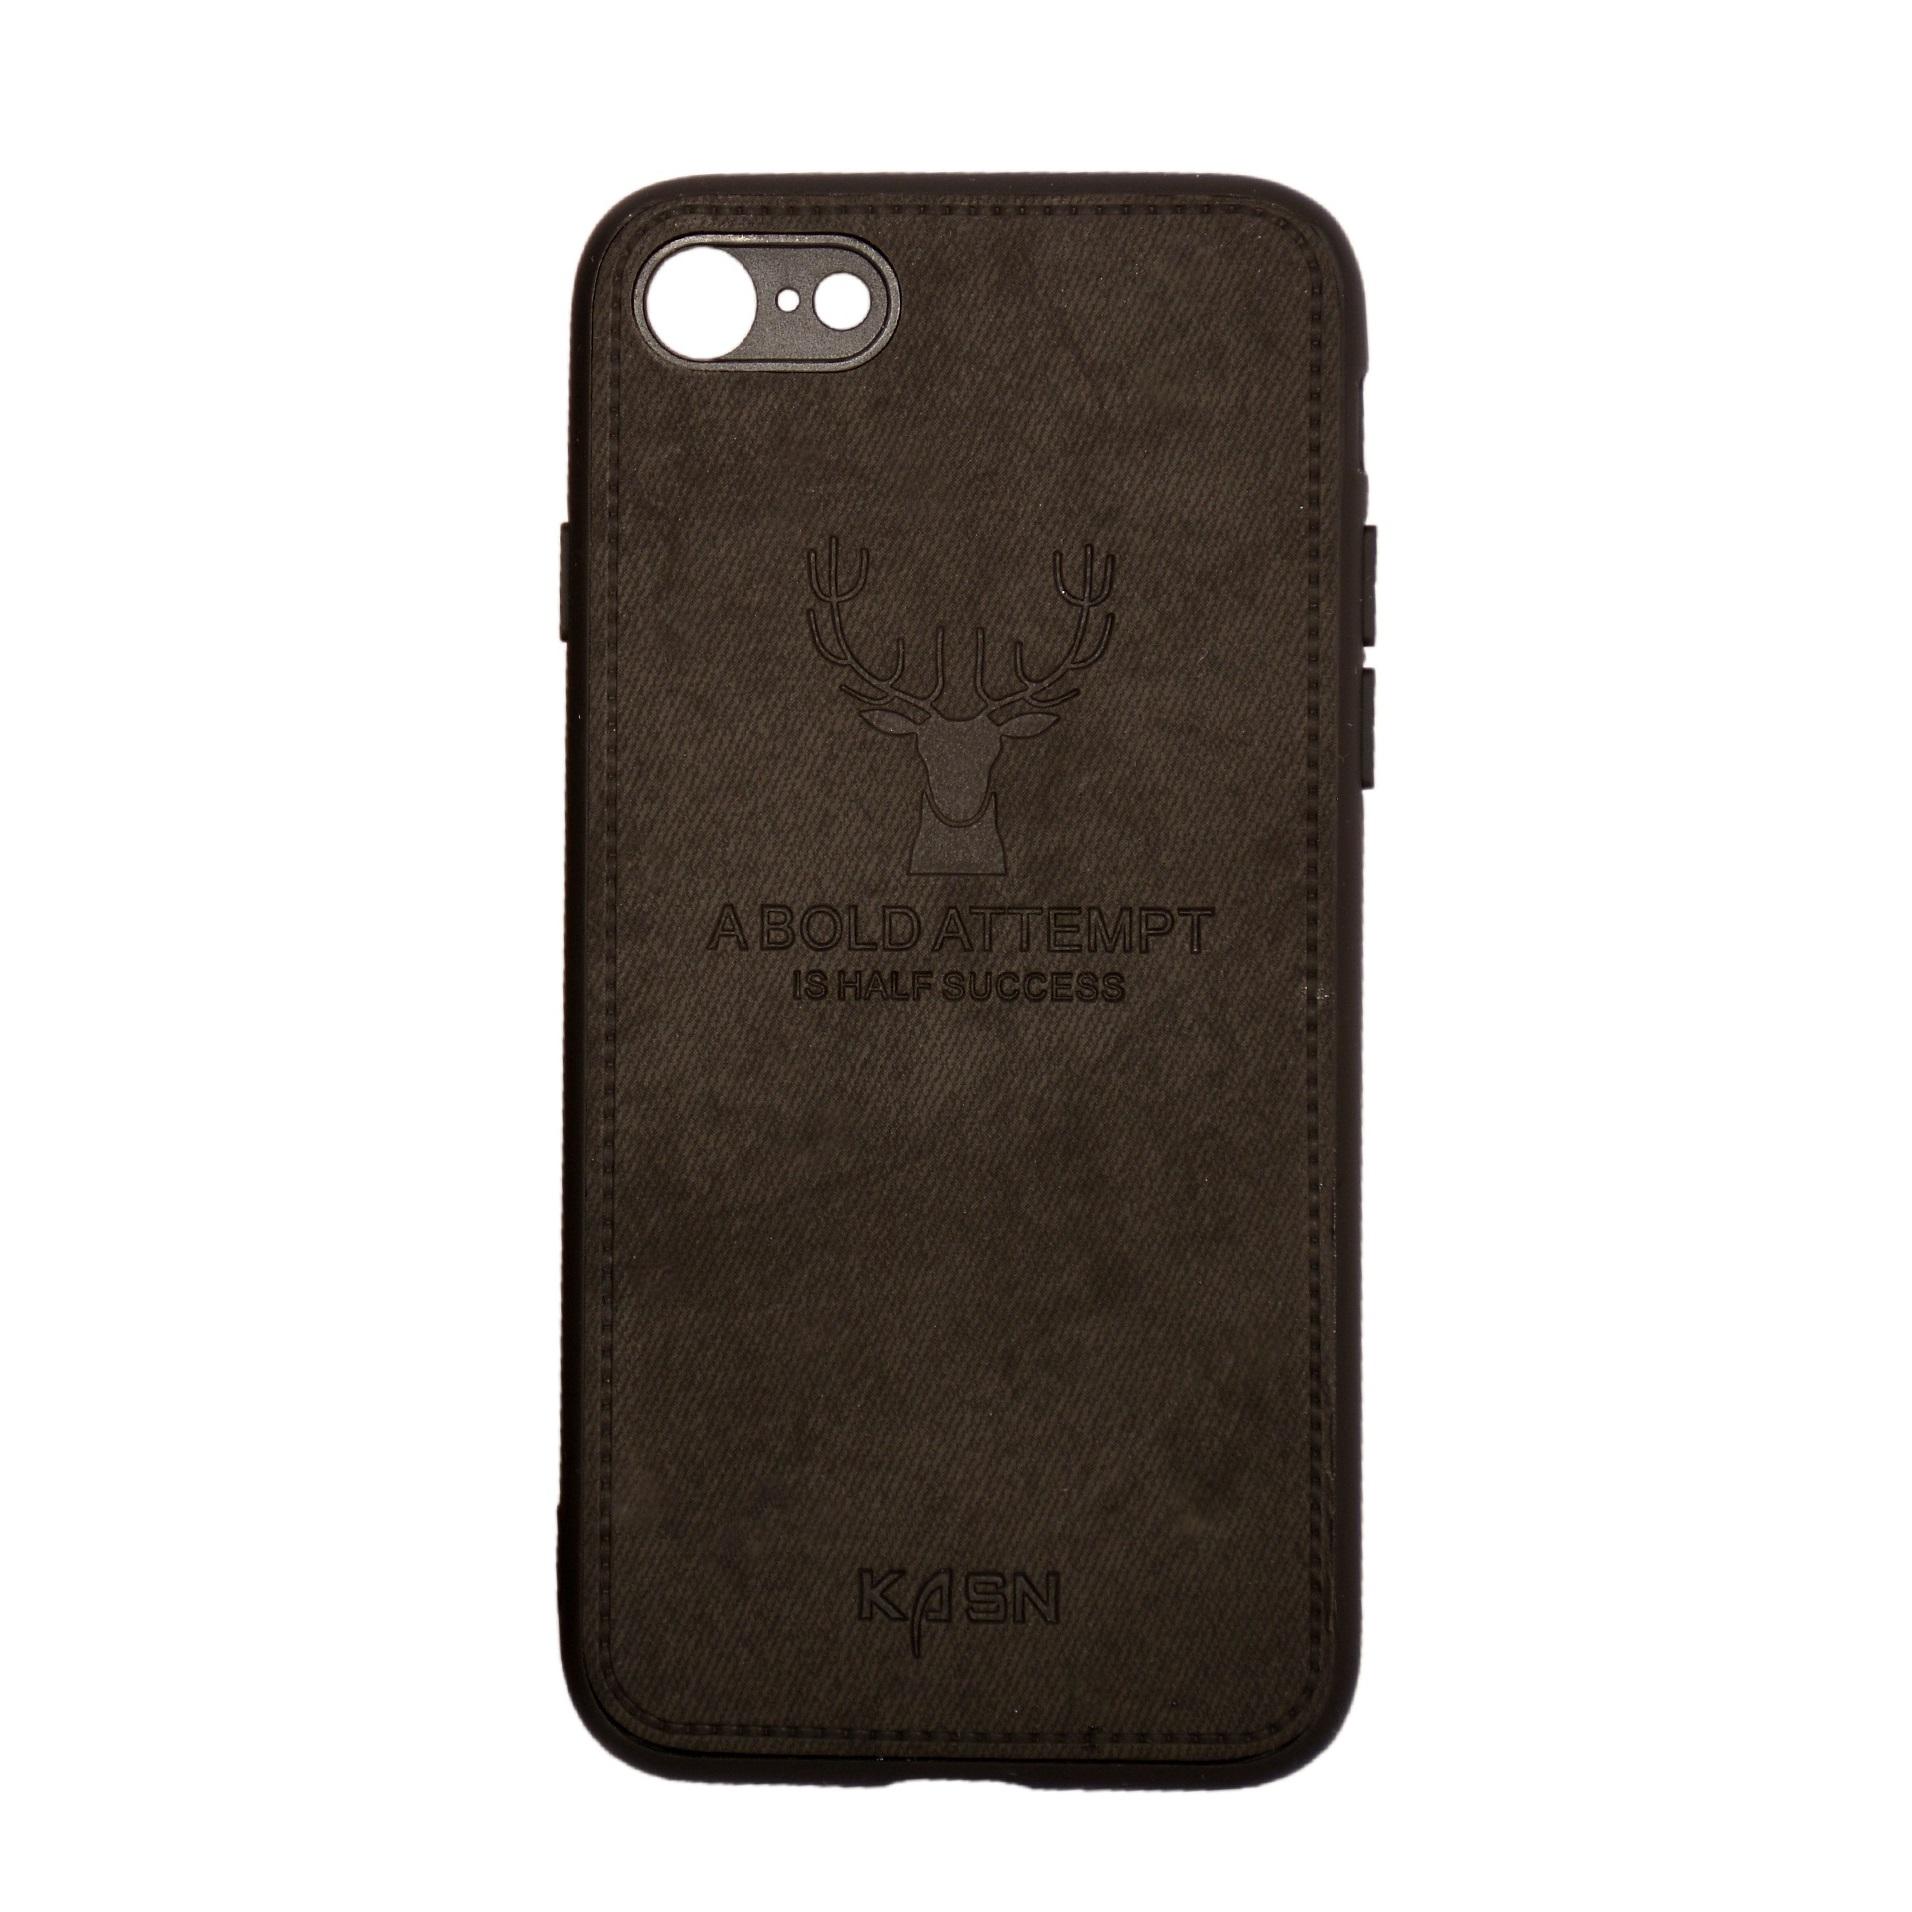 کاور طرح گوزن مدل Kasn مناسب برای گوشی موبایل اپل Iphone 7/8 main 1 1